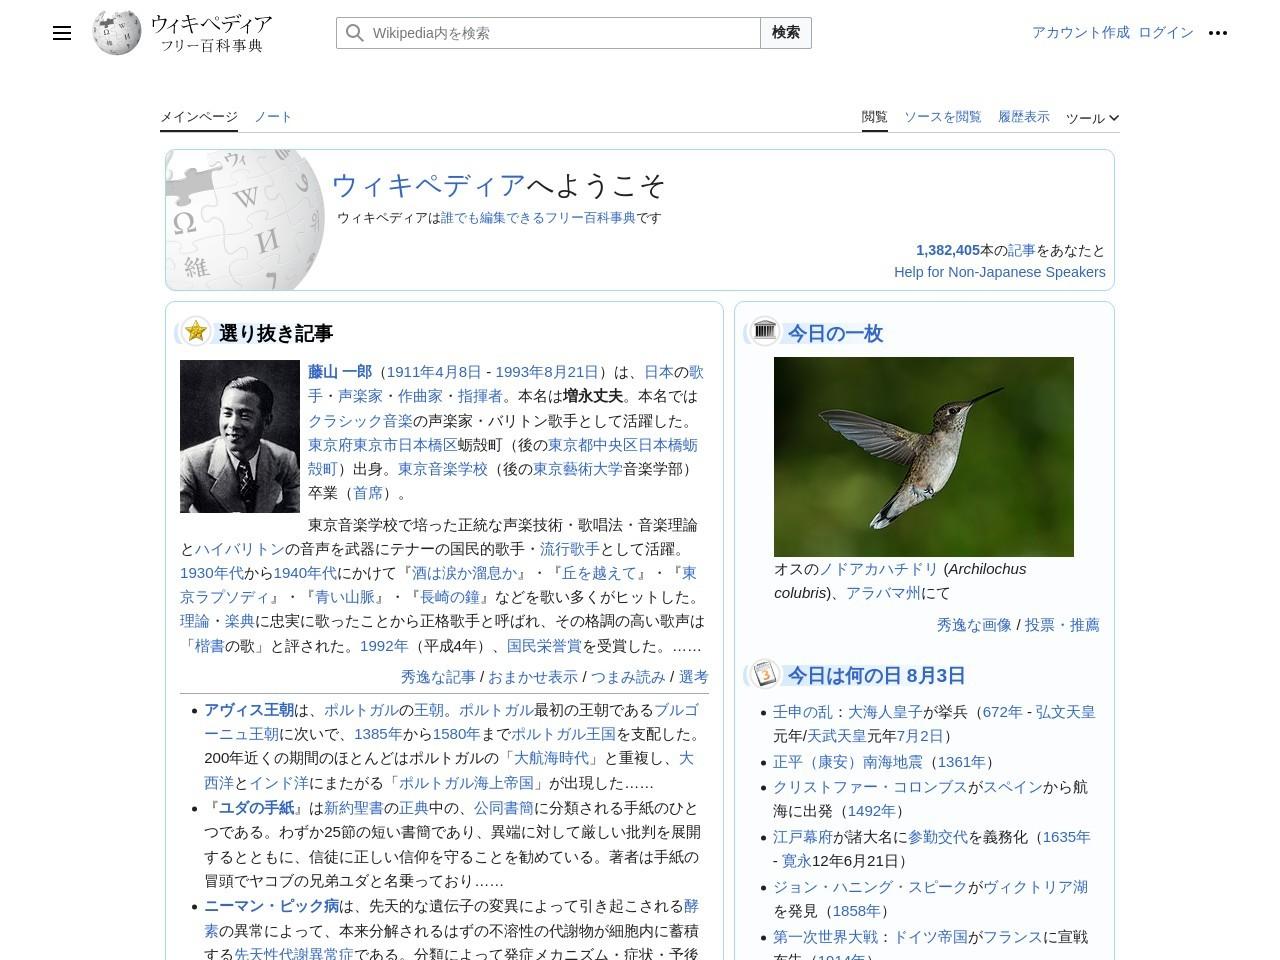 https://ja.wikipedia.org/wiki/%E3%82%B3%E3%83%AB%E3%83%8D%E3%83%83%E3%83%88